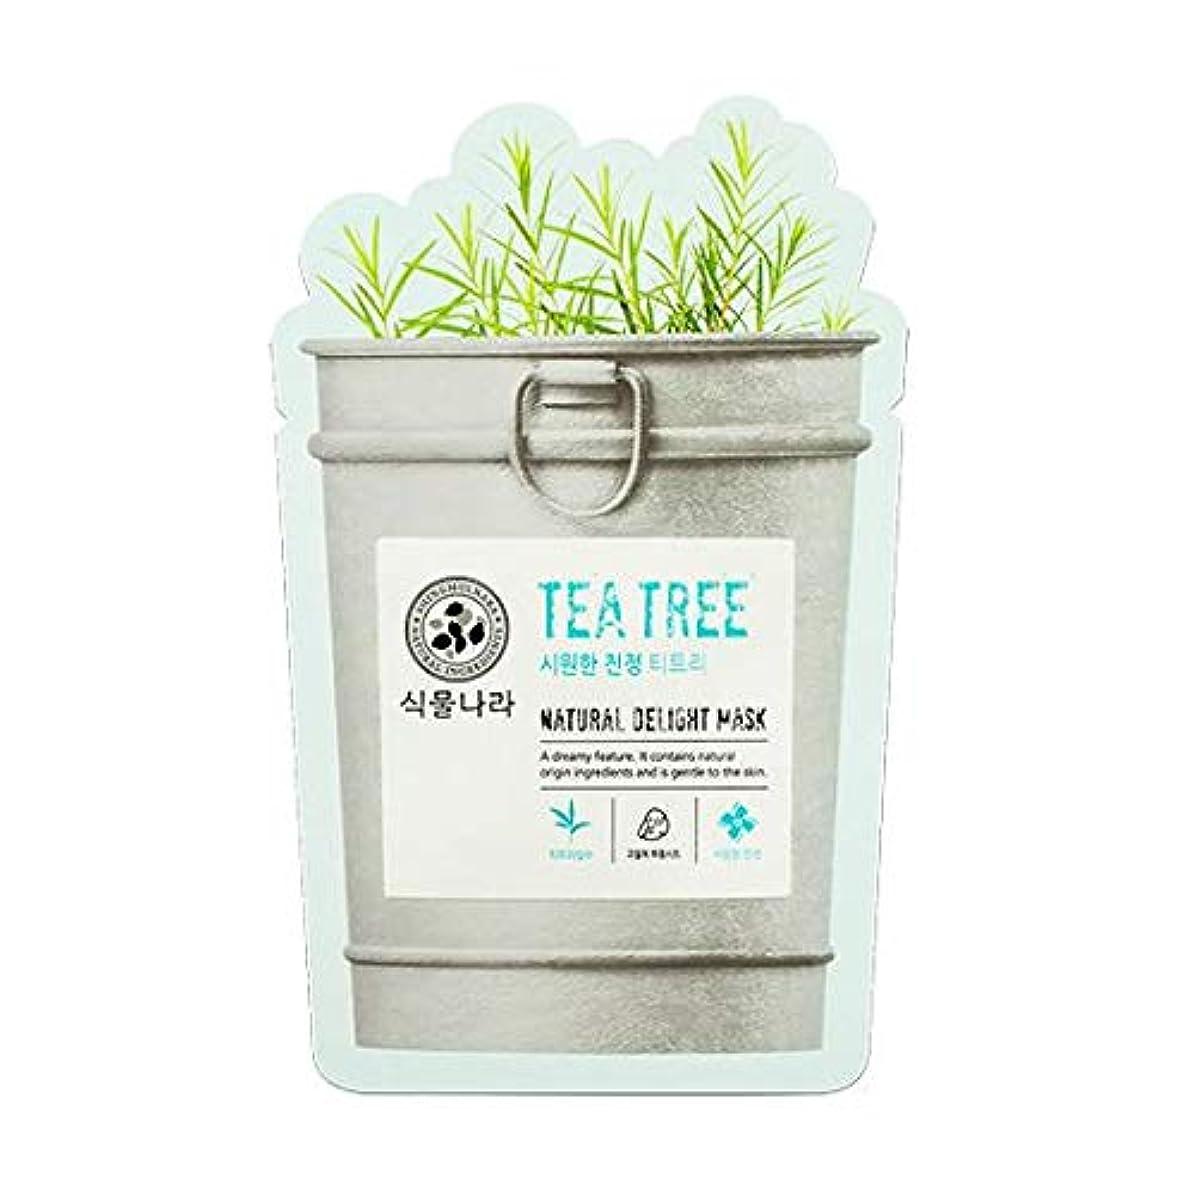 スカルク鎮静剤皿SHINGMULNARA 植物ナラ ナチュラル デライト マスクパック ティートリ/アロエ/炭/蜜 韓国オリーブ霊遊明商品 (ティートリー (Tea Tree) 5pack)